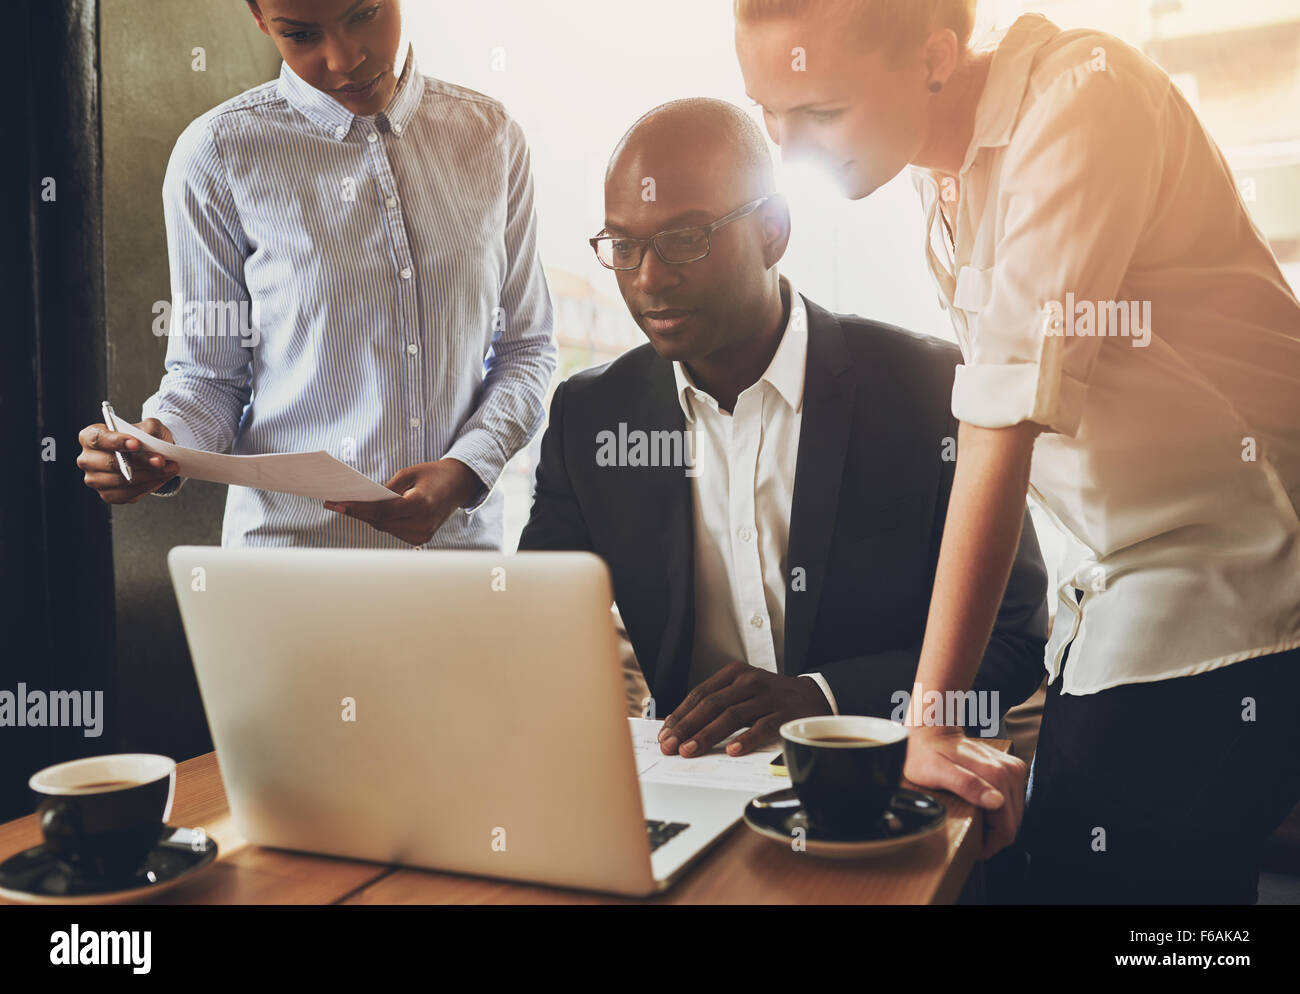 Affari etnici persone, gli imprenditori che lavorano insieme utilizzando un computer portatile Immagini Stock